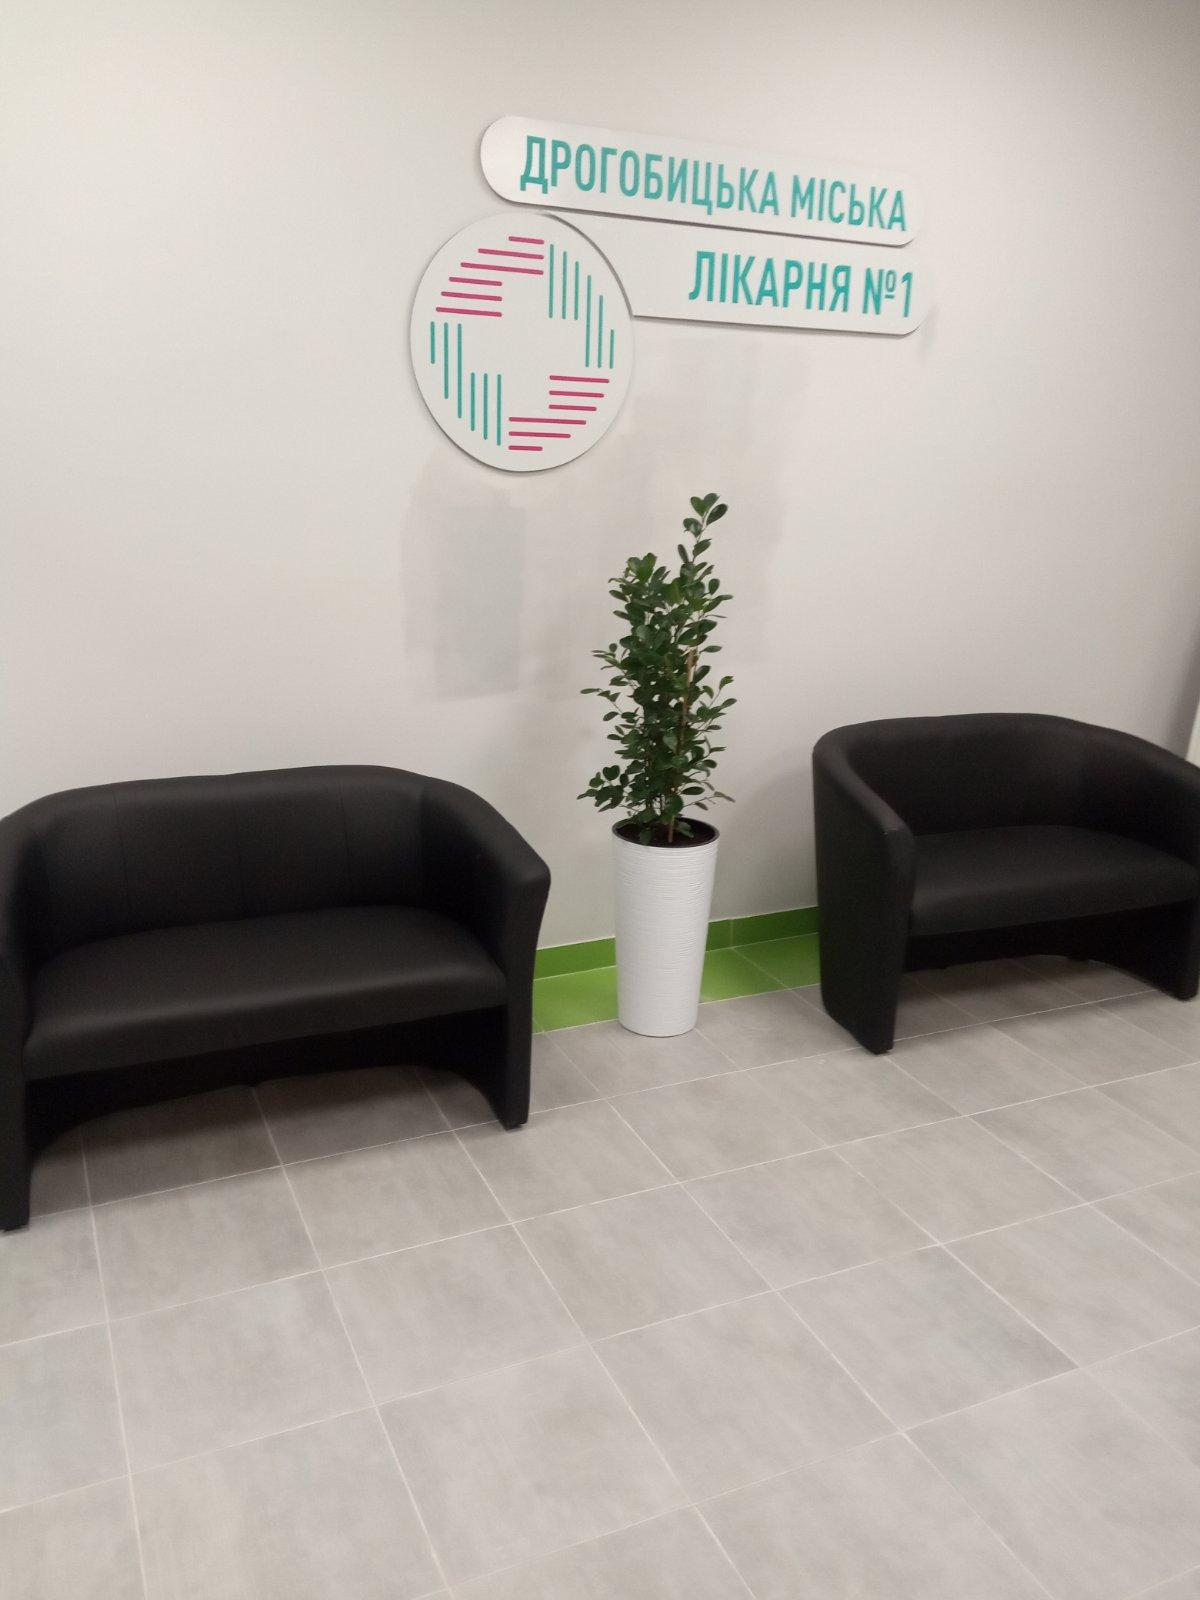 Дрогобицька міська лікарня №1: Велика реконструкція приймального відділення завершується